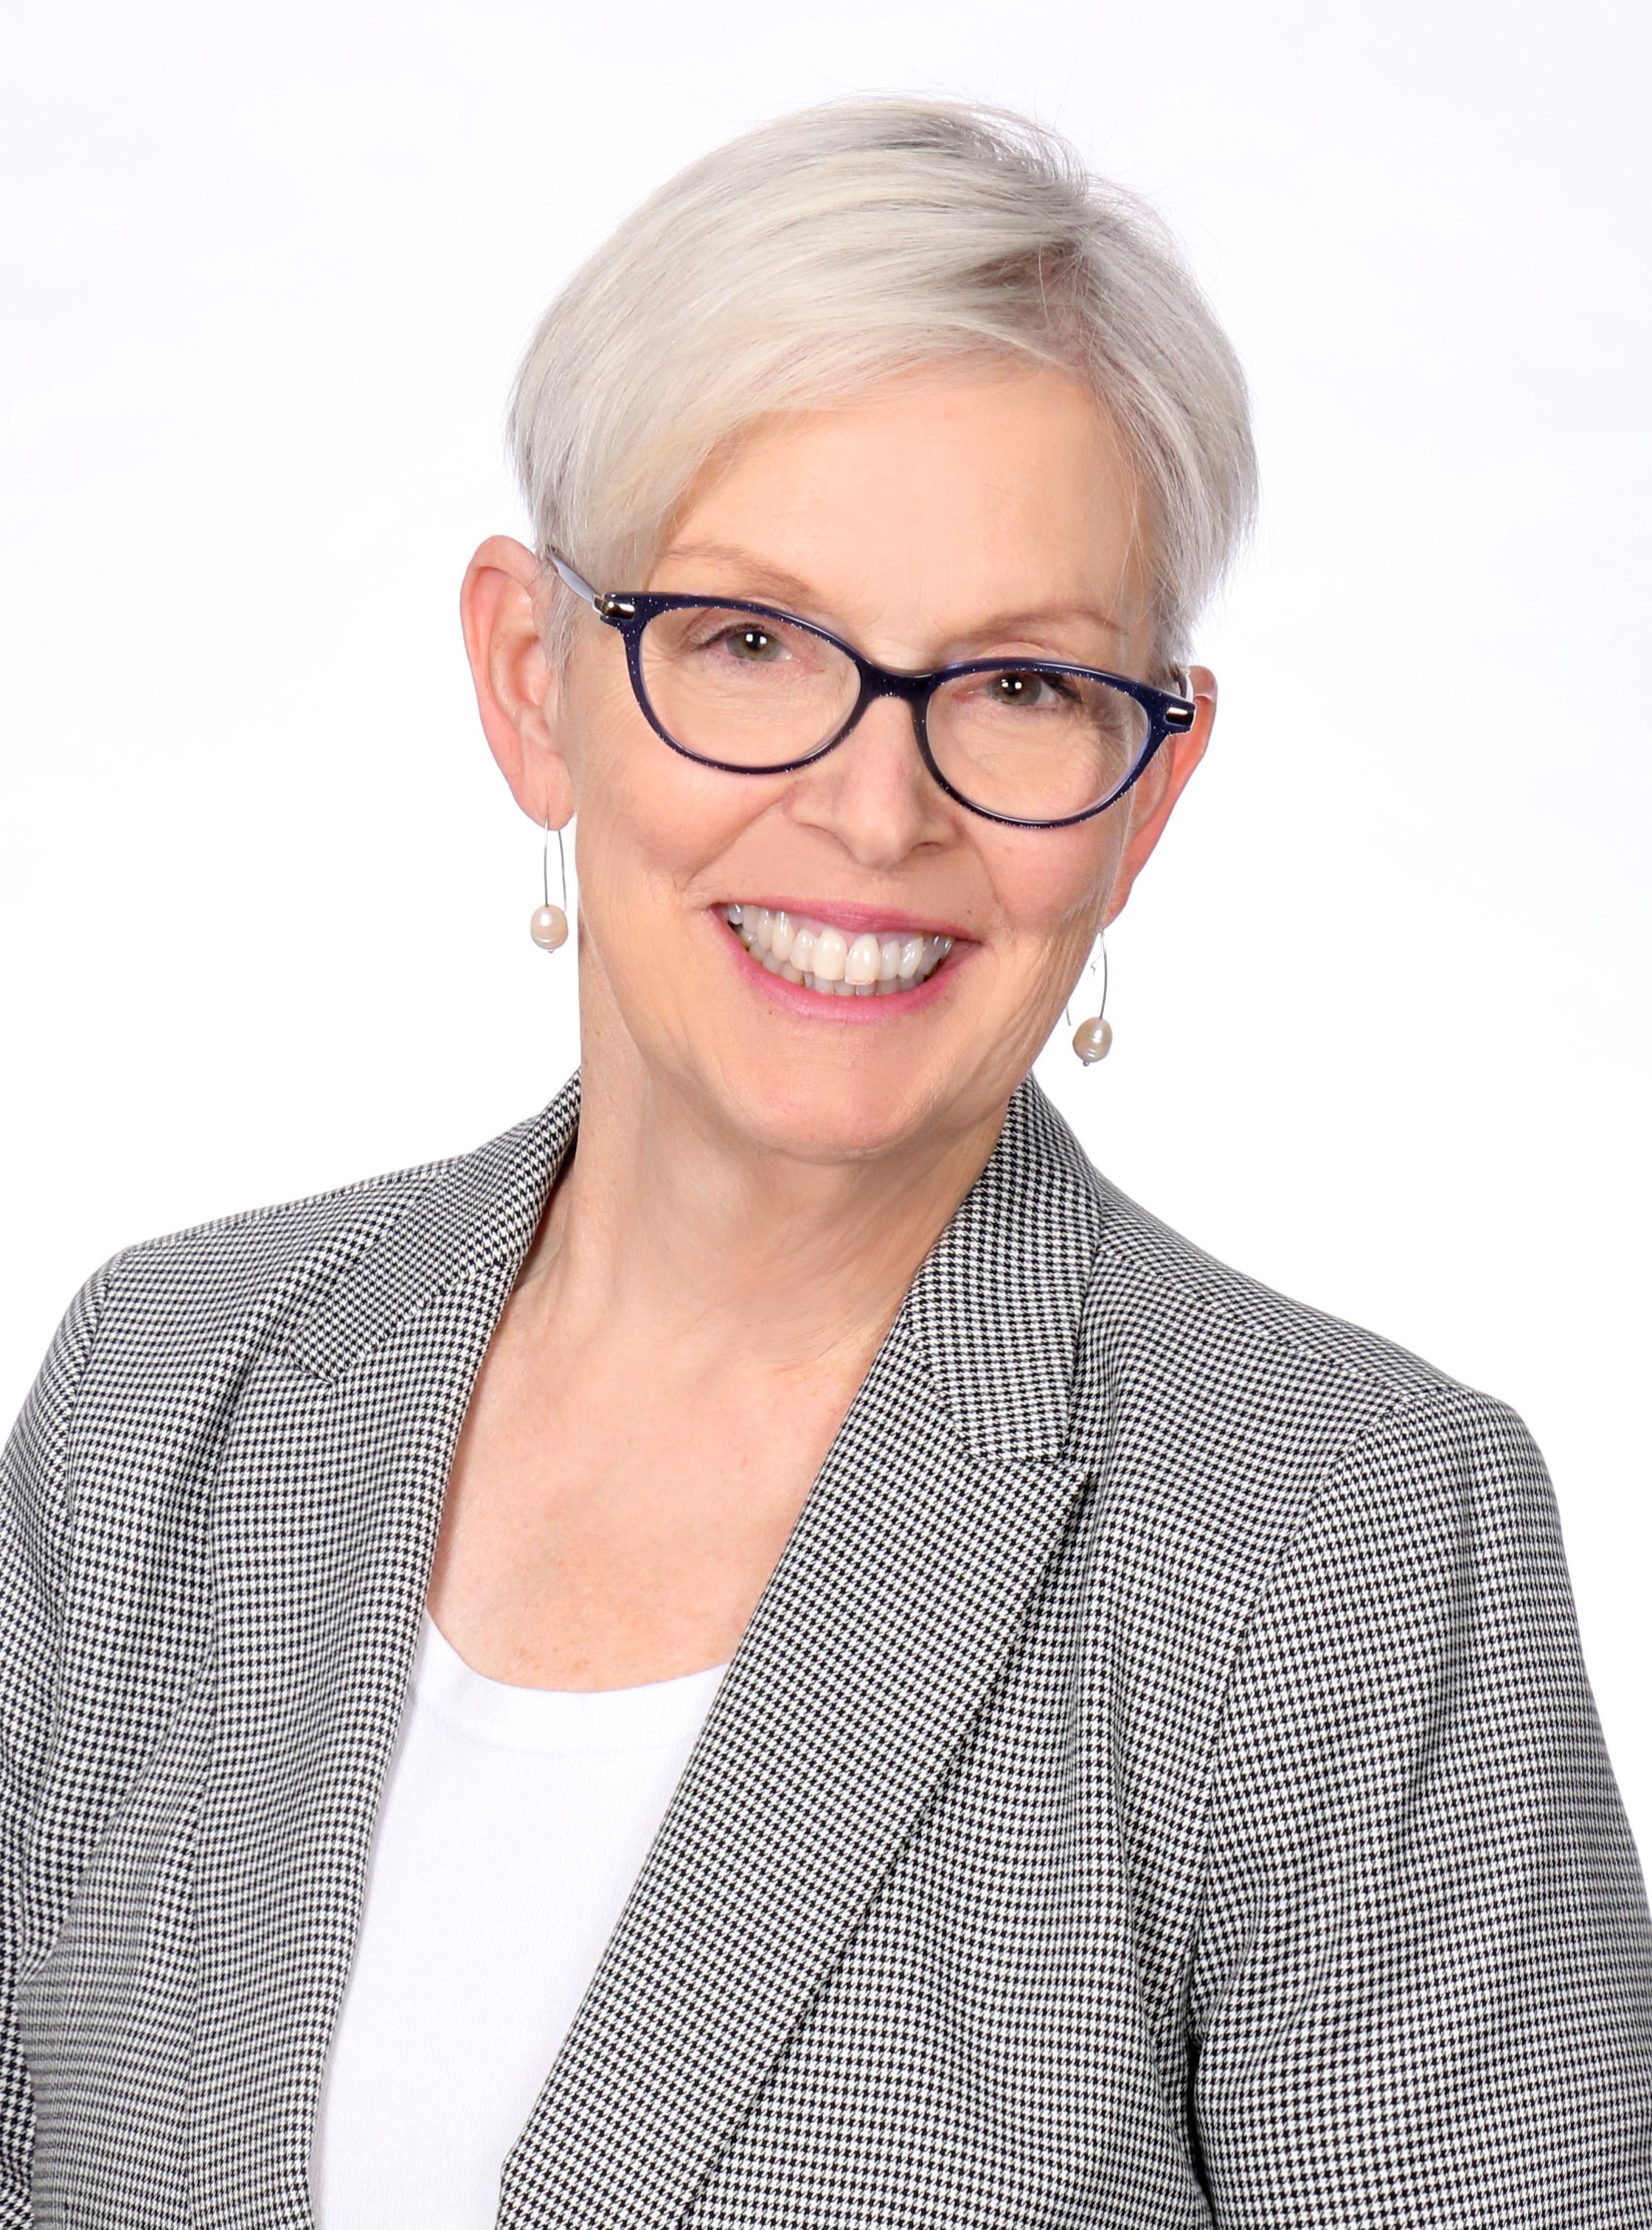 Jean  Pagan-Bullock